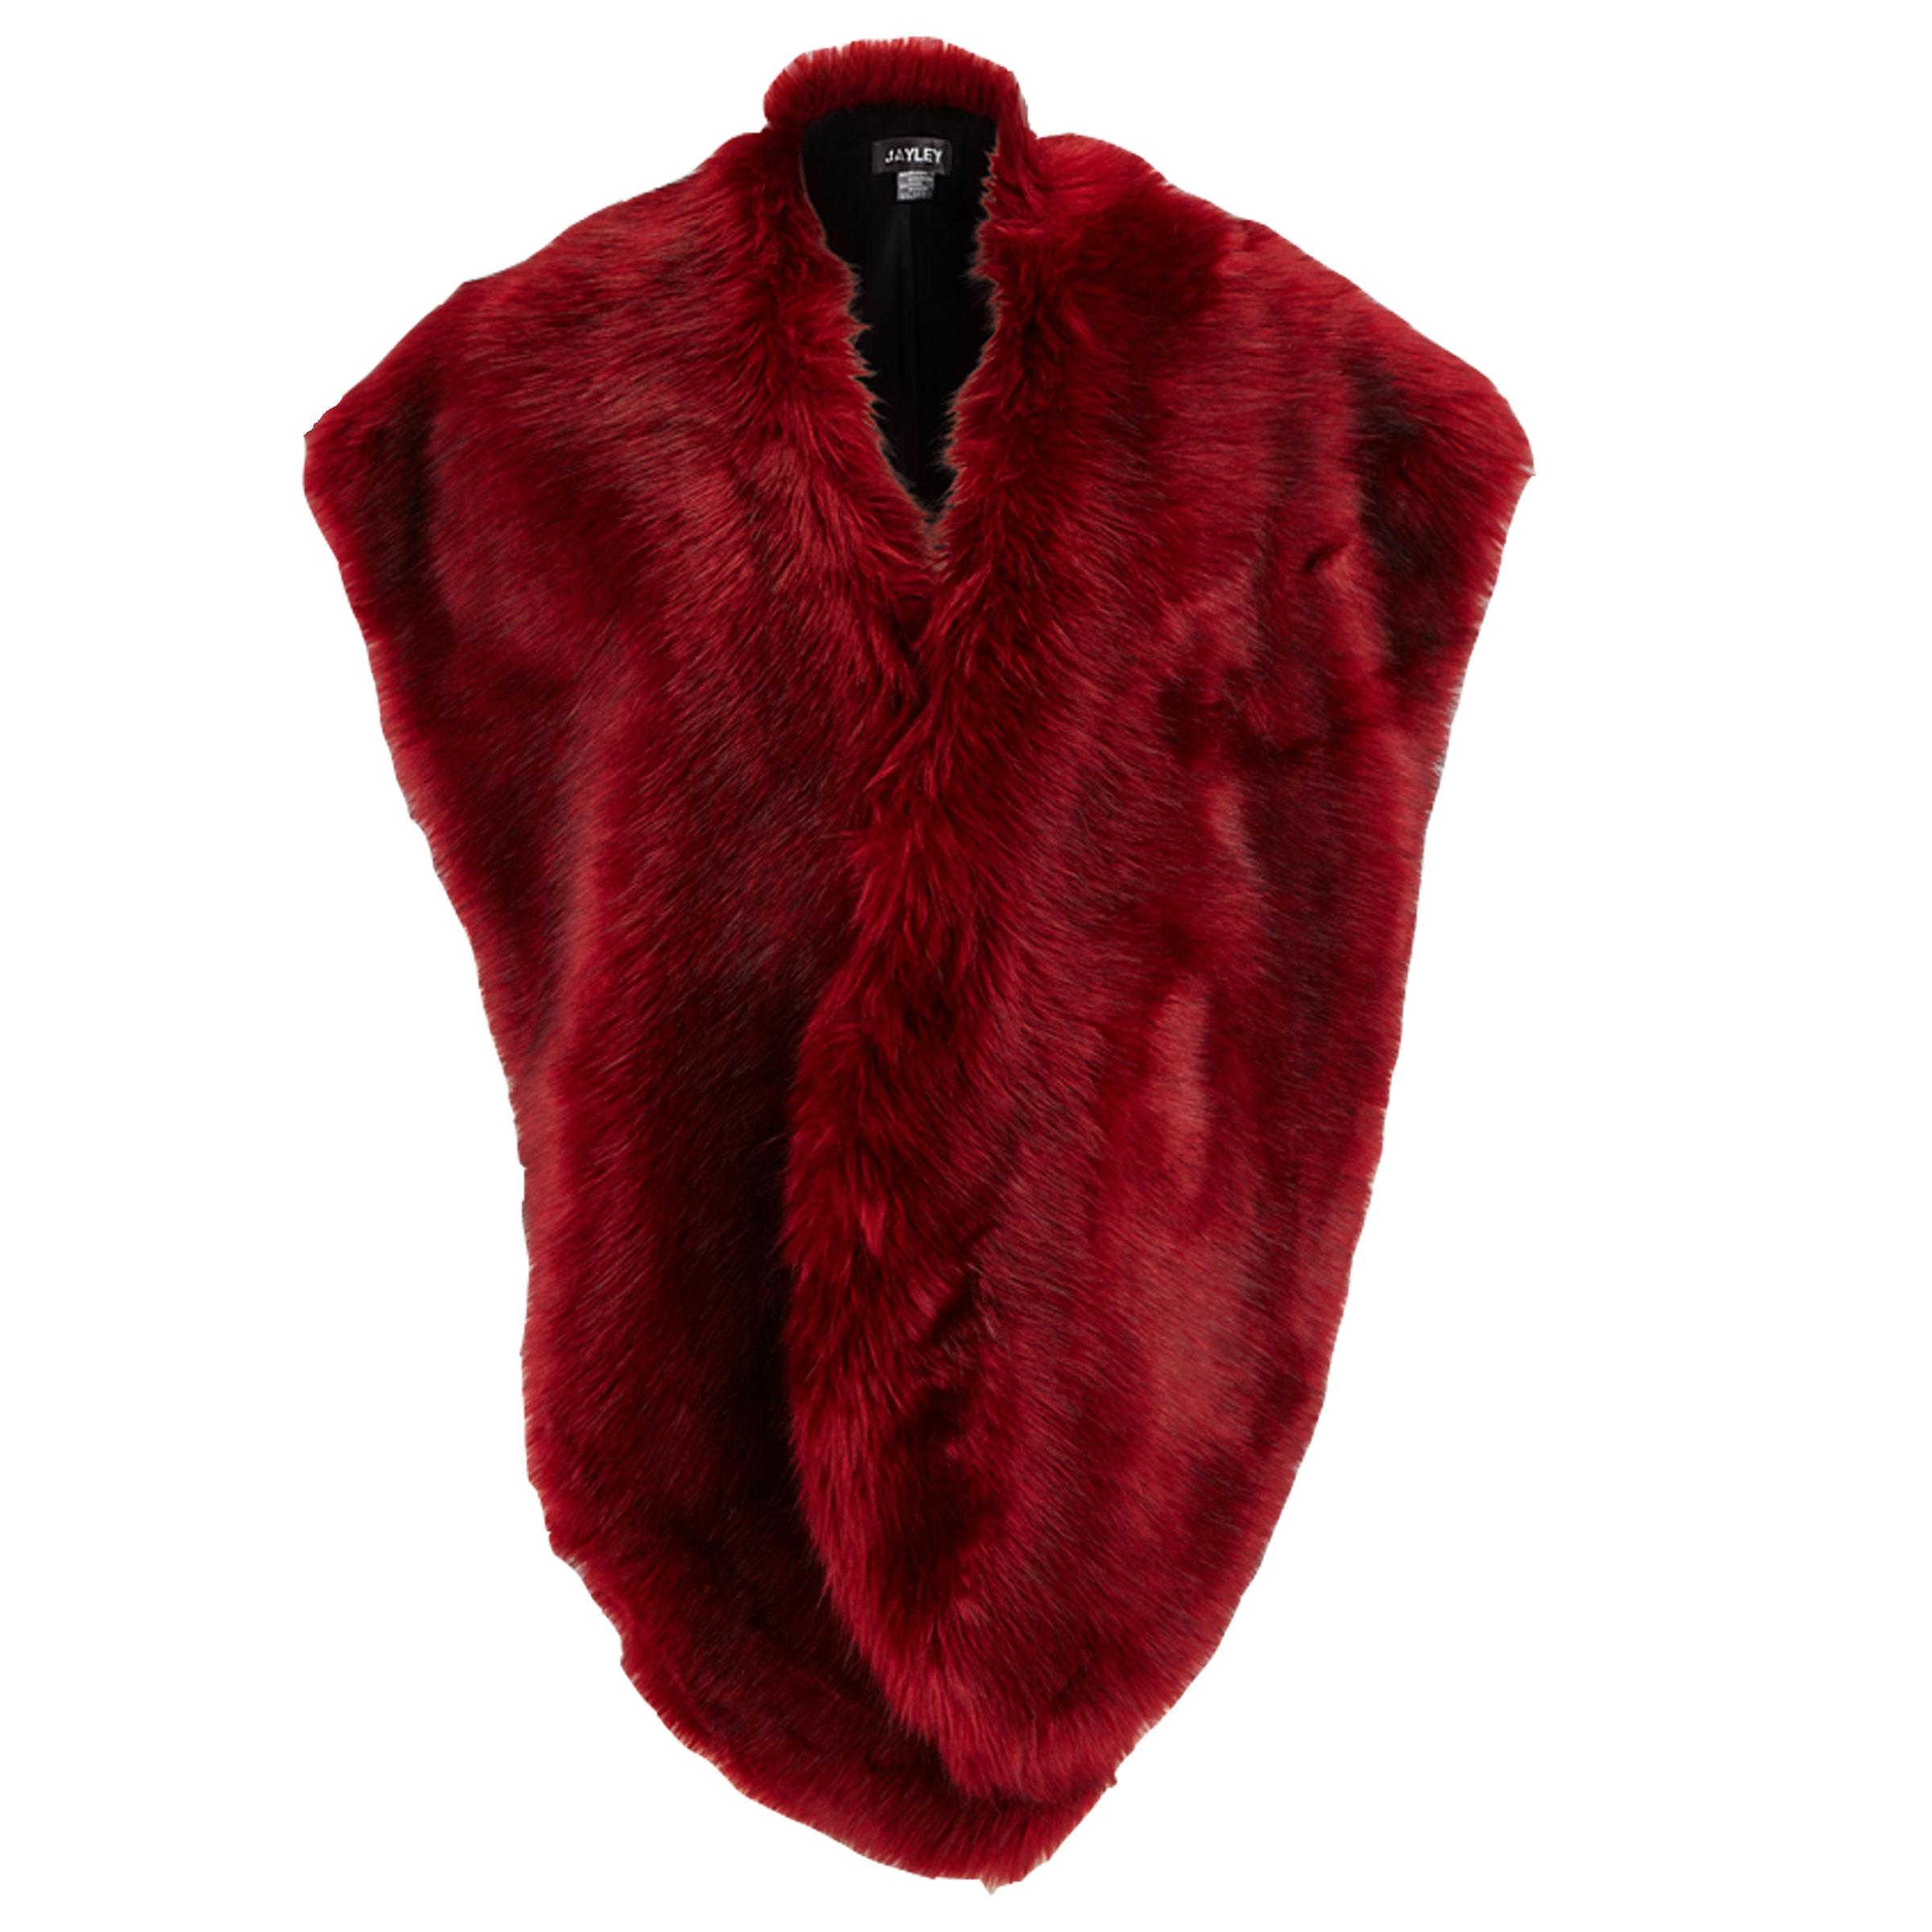 Jayley Oversized Faux Fur Collar